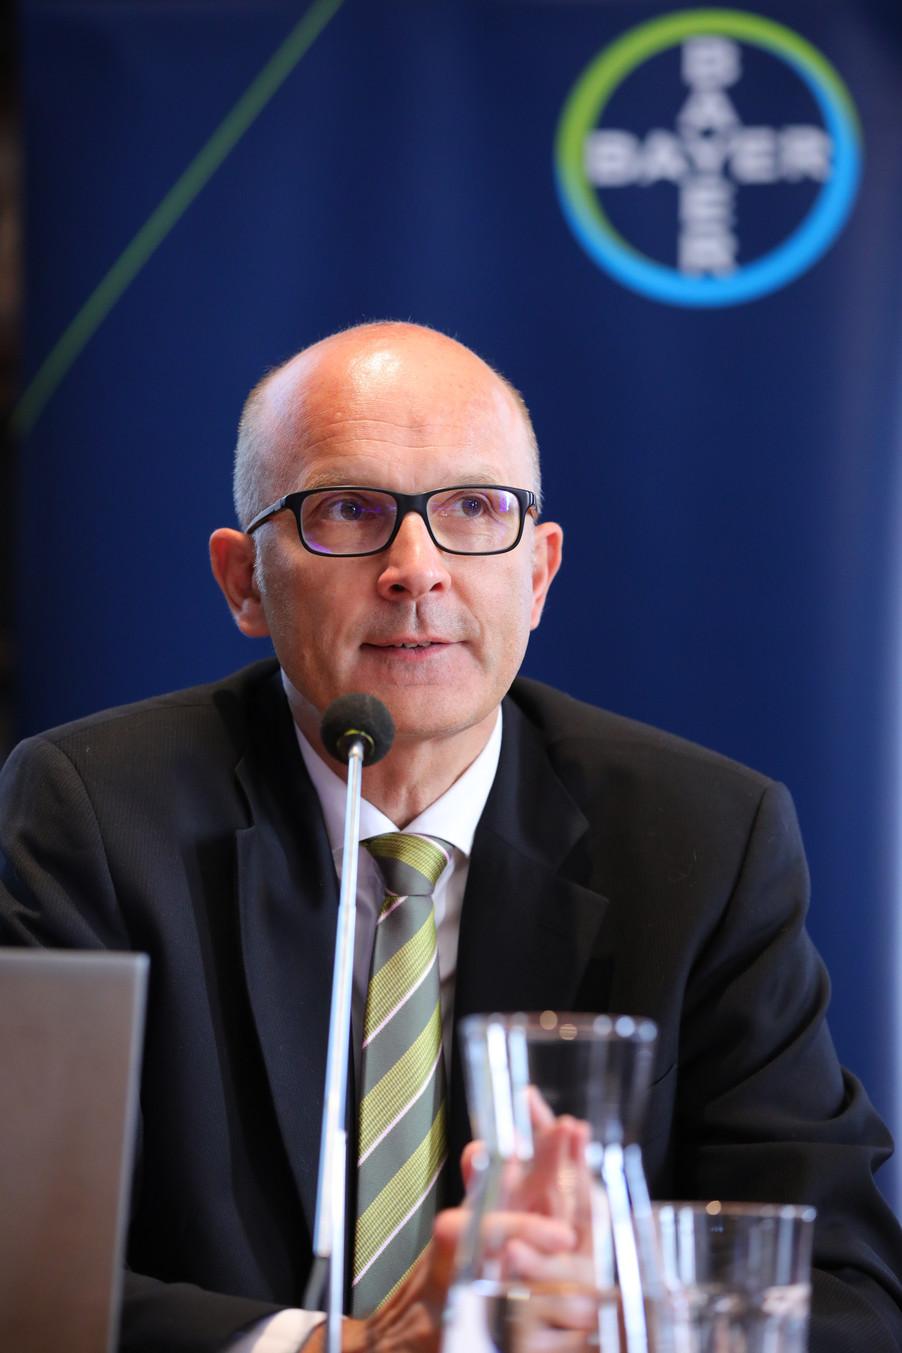 Bild 31 | Unterschätzte Gefahr Schaufensterkrankheit: ÖGIA fordert neue Maßnahmen, um Todesfälle zu ...